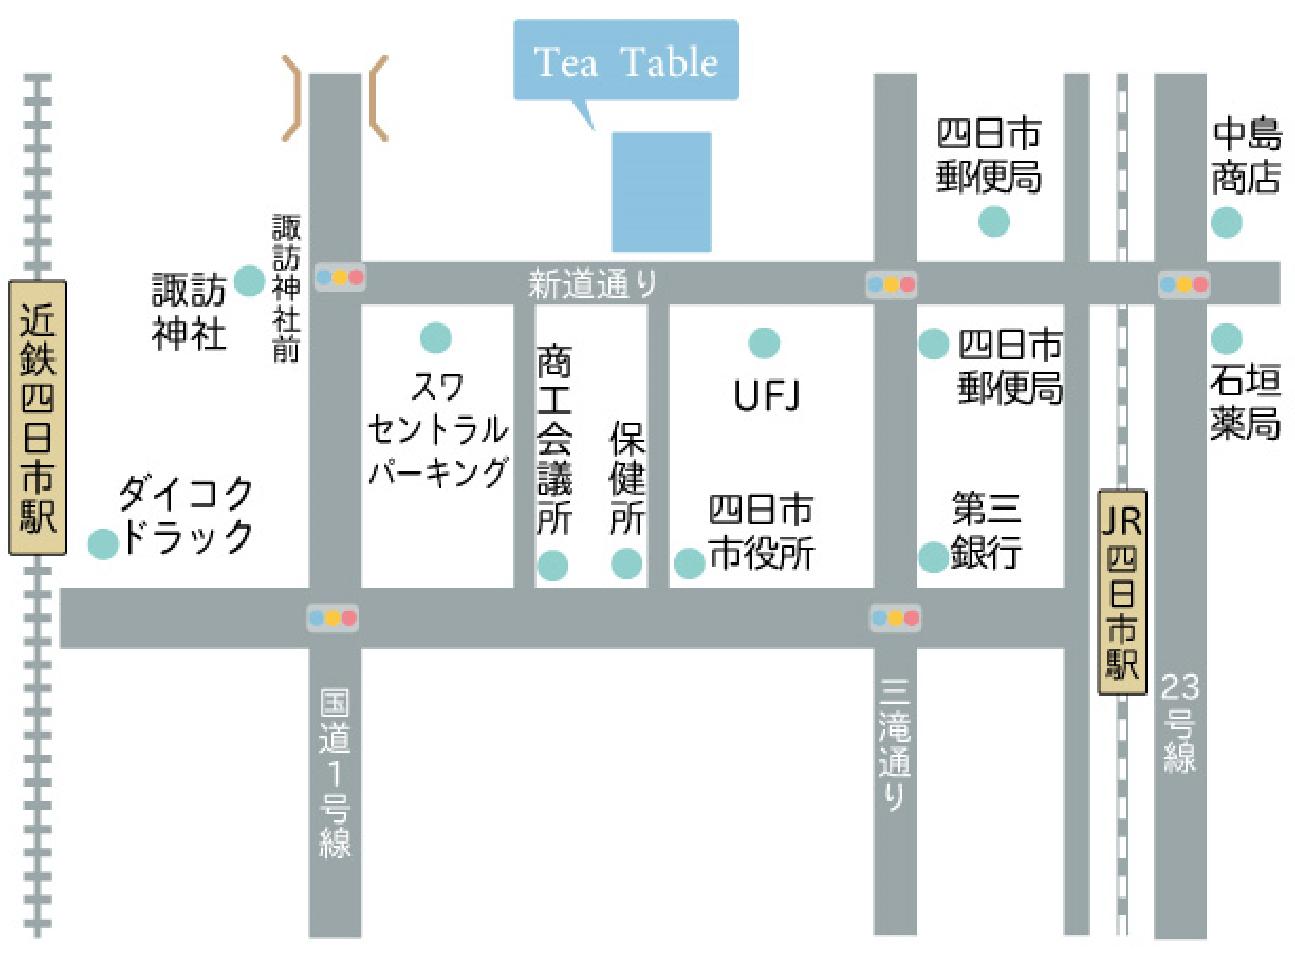 画像:ティーテーブルの地図